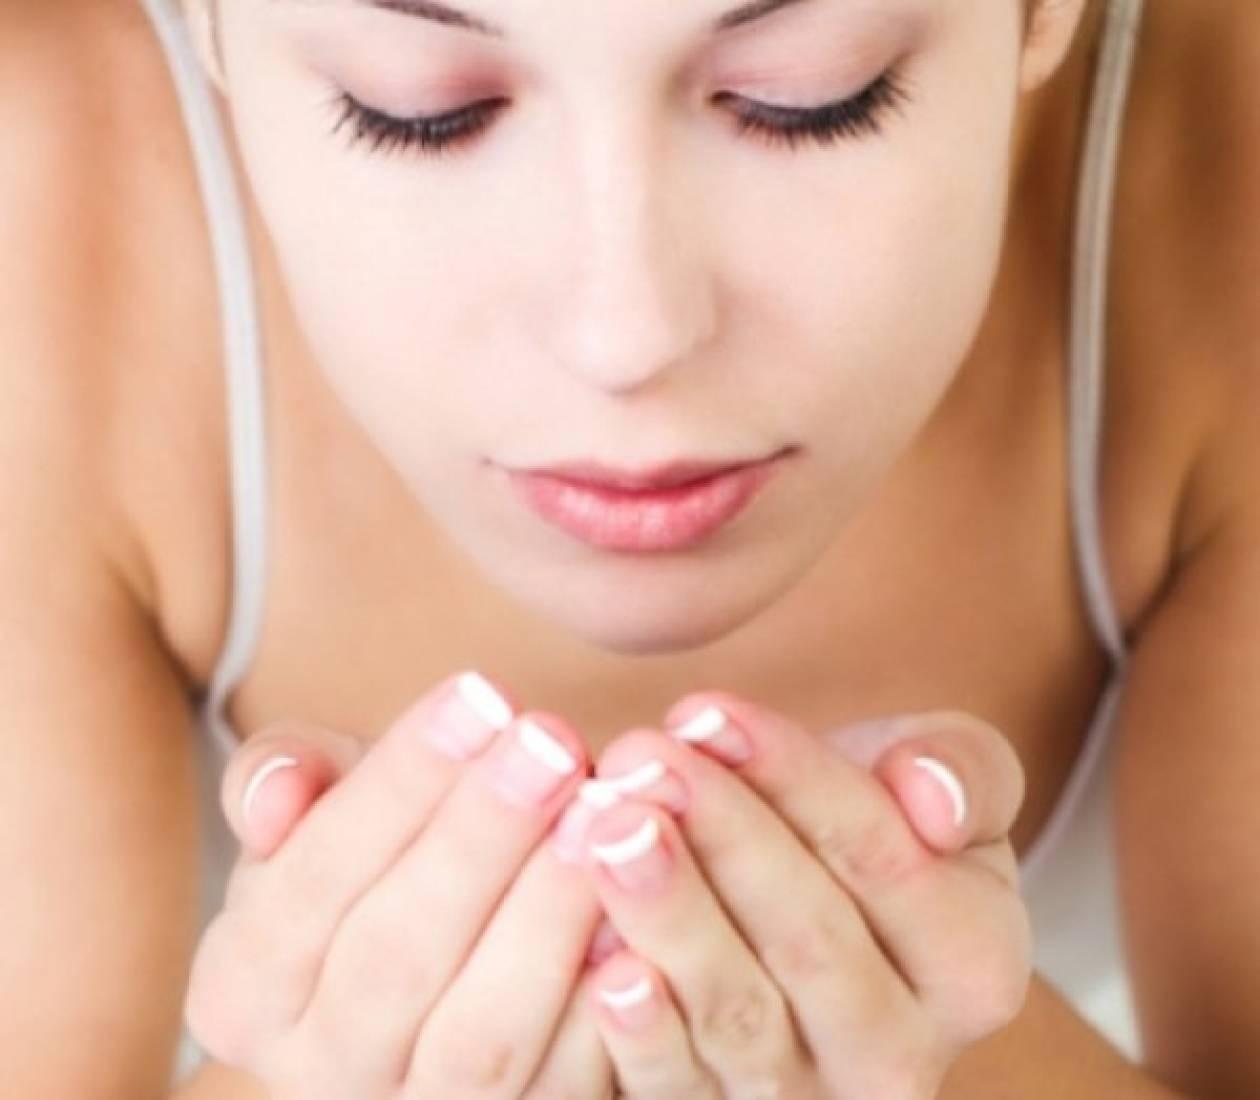 Τα 7 μεγαλύτερα λάθη που κάνουμε όταν πλένουμε το πρόσωπό μας